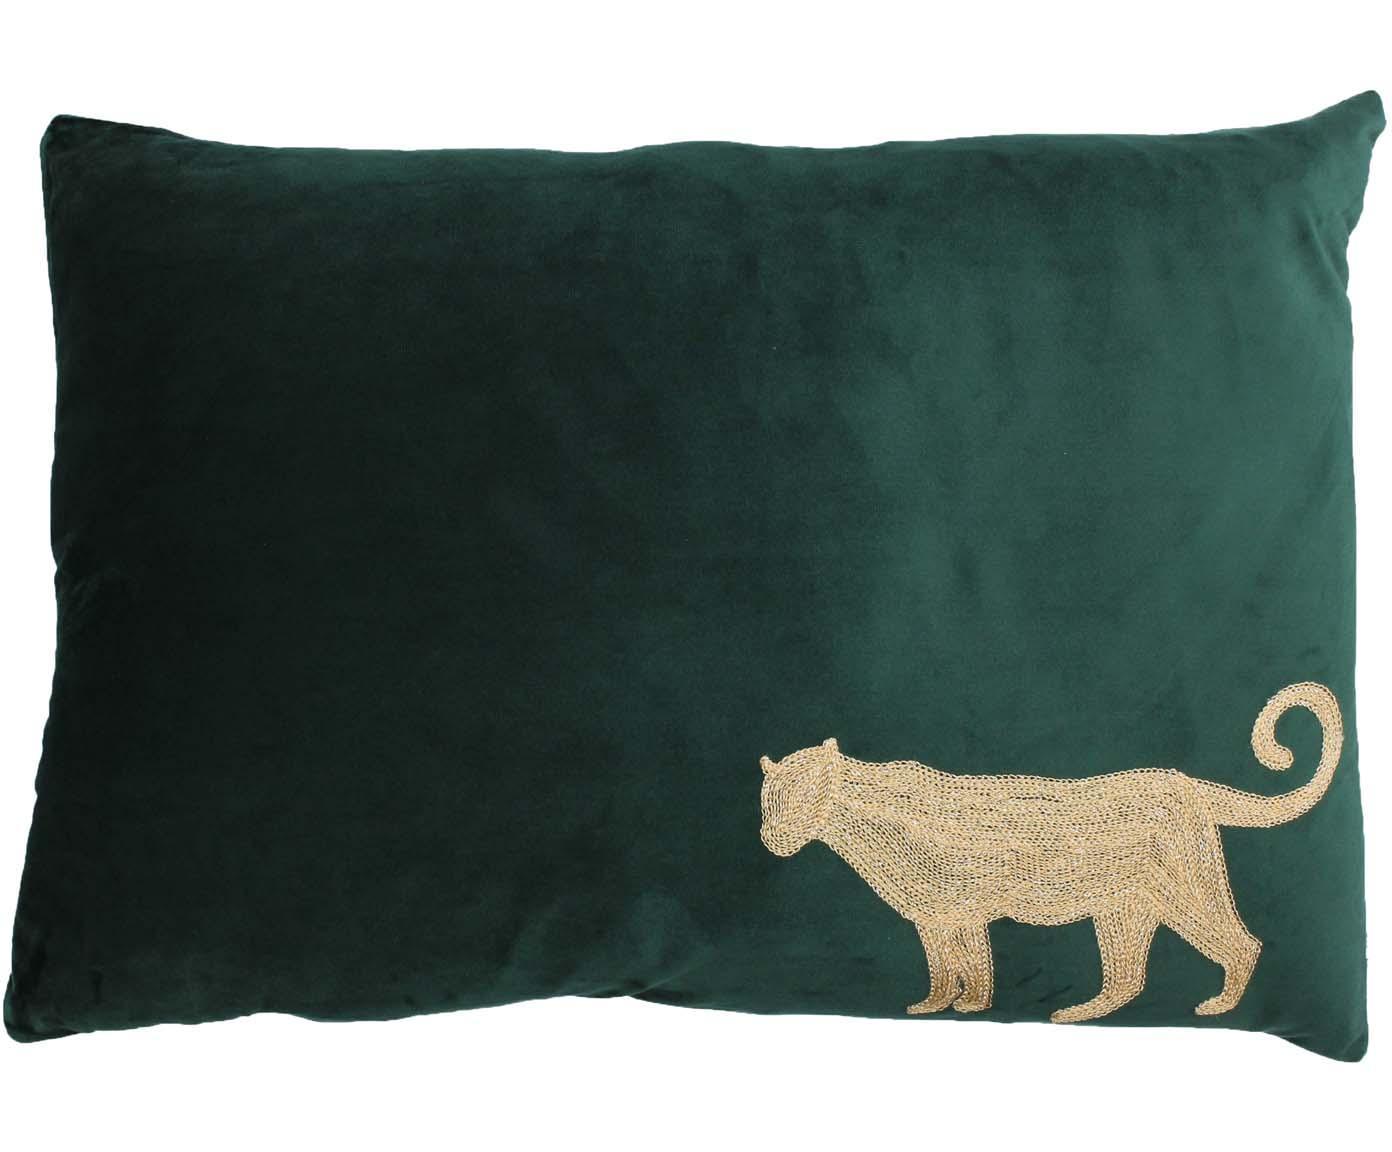 Cuscino con imbottitura in velluto Single Leopard, 100% velluto (poliestere), Verde, dorato, Larg. 40 x Lung. 60 cm